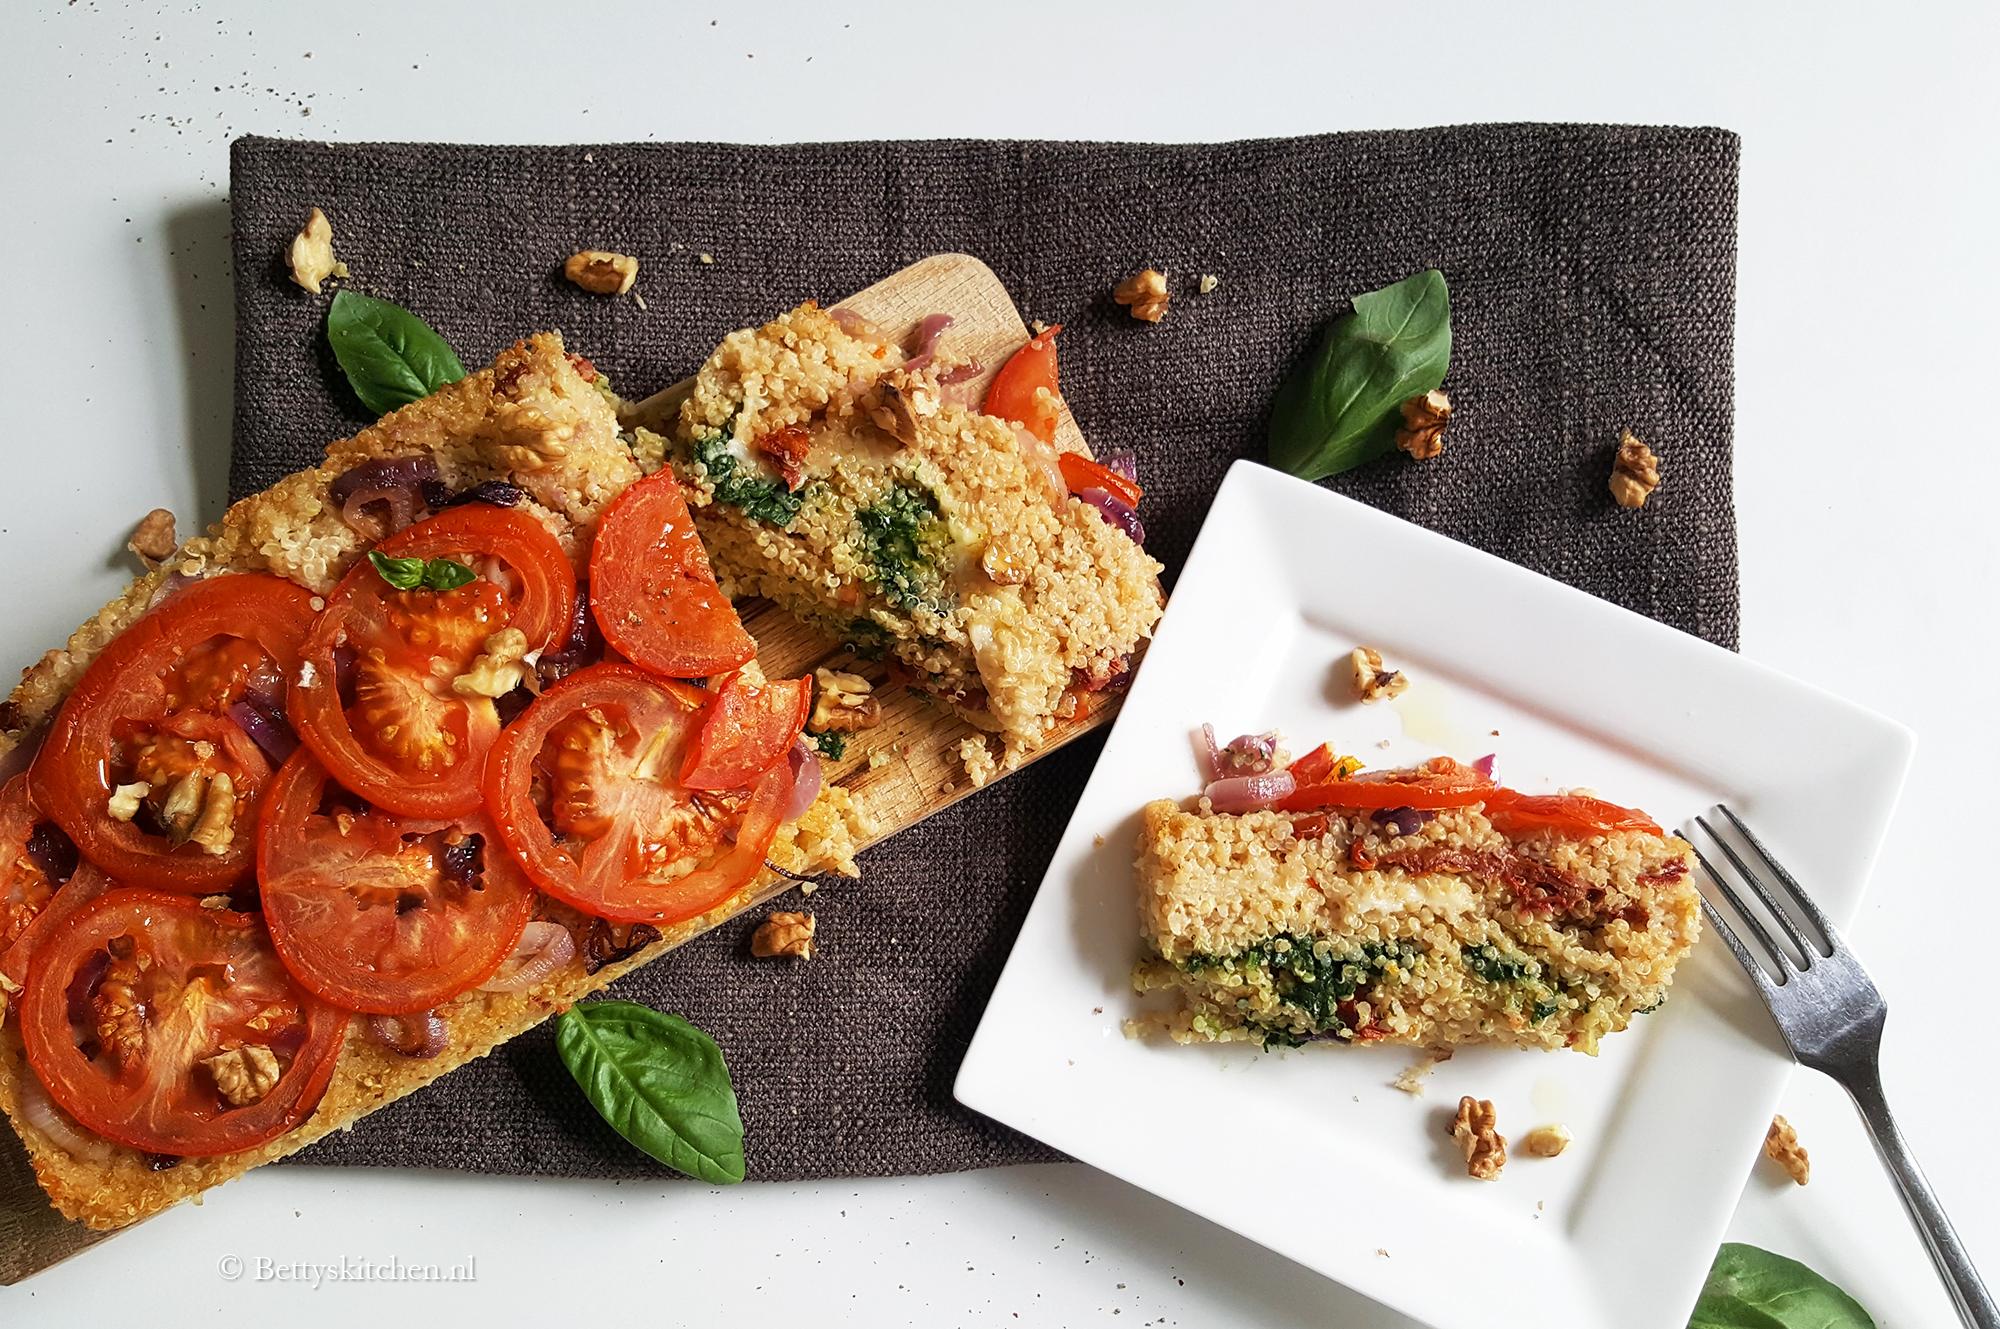 Caprese quinoacake